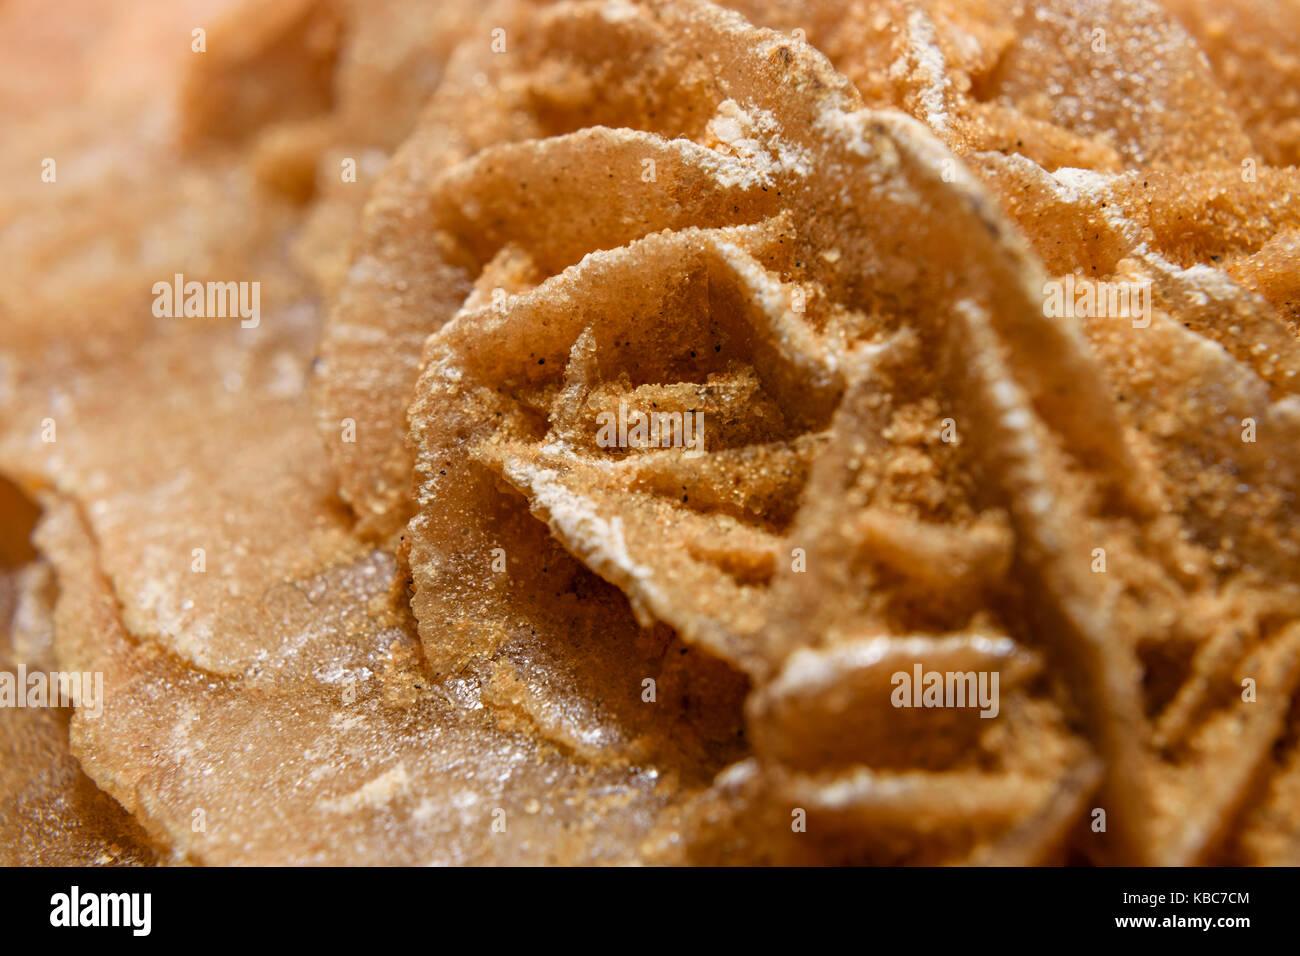 Extreme Close-Up Of Sand Selenite Rose Or Desert Rose From The Sahara Desert - Stock Image